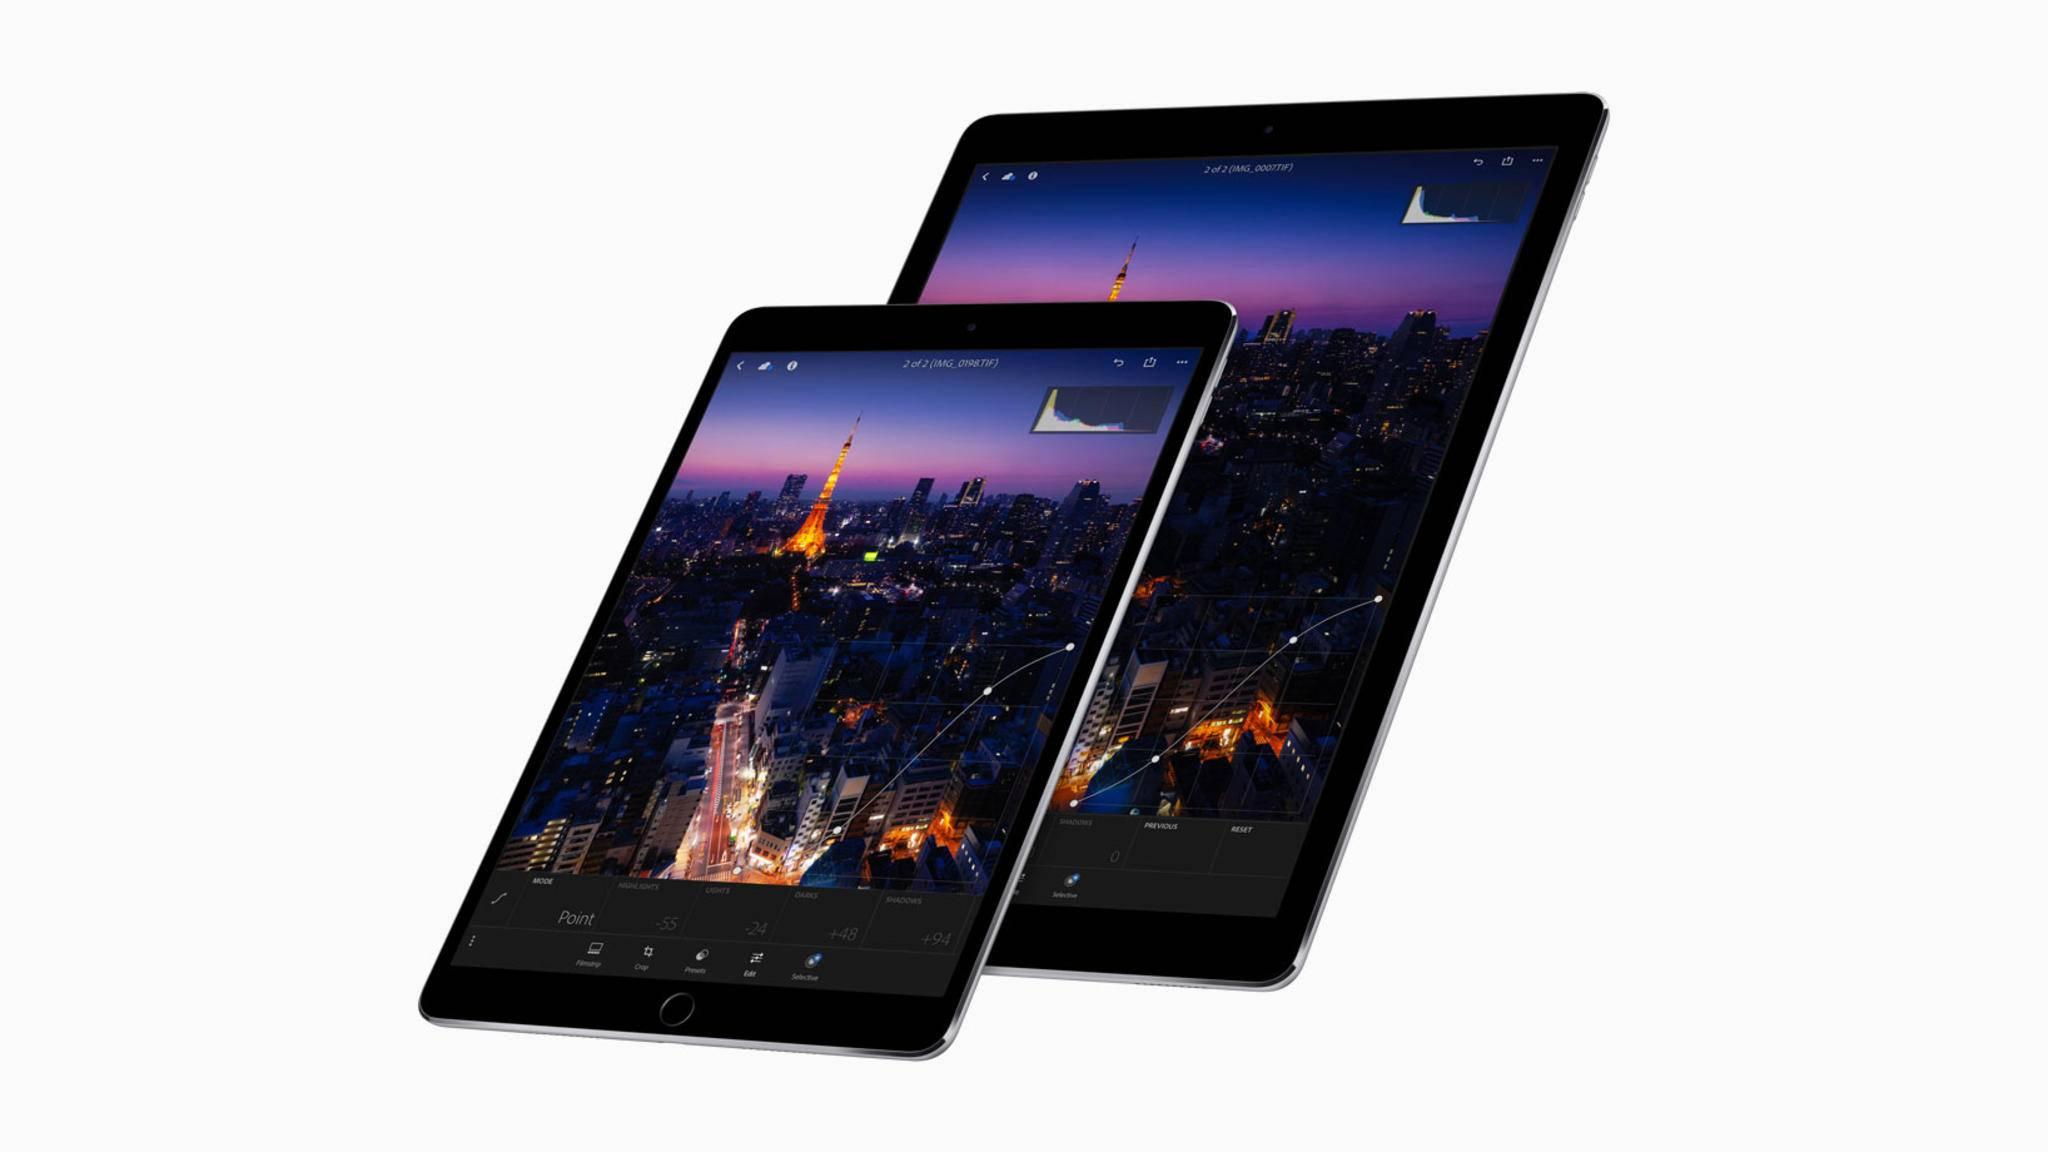 Das große iPad Pro 12.9 mit 256 GB Speicher kostet weniger als das Einstiegsmodell des iPhone X.